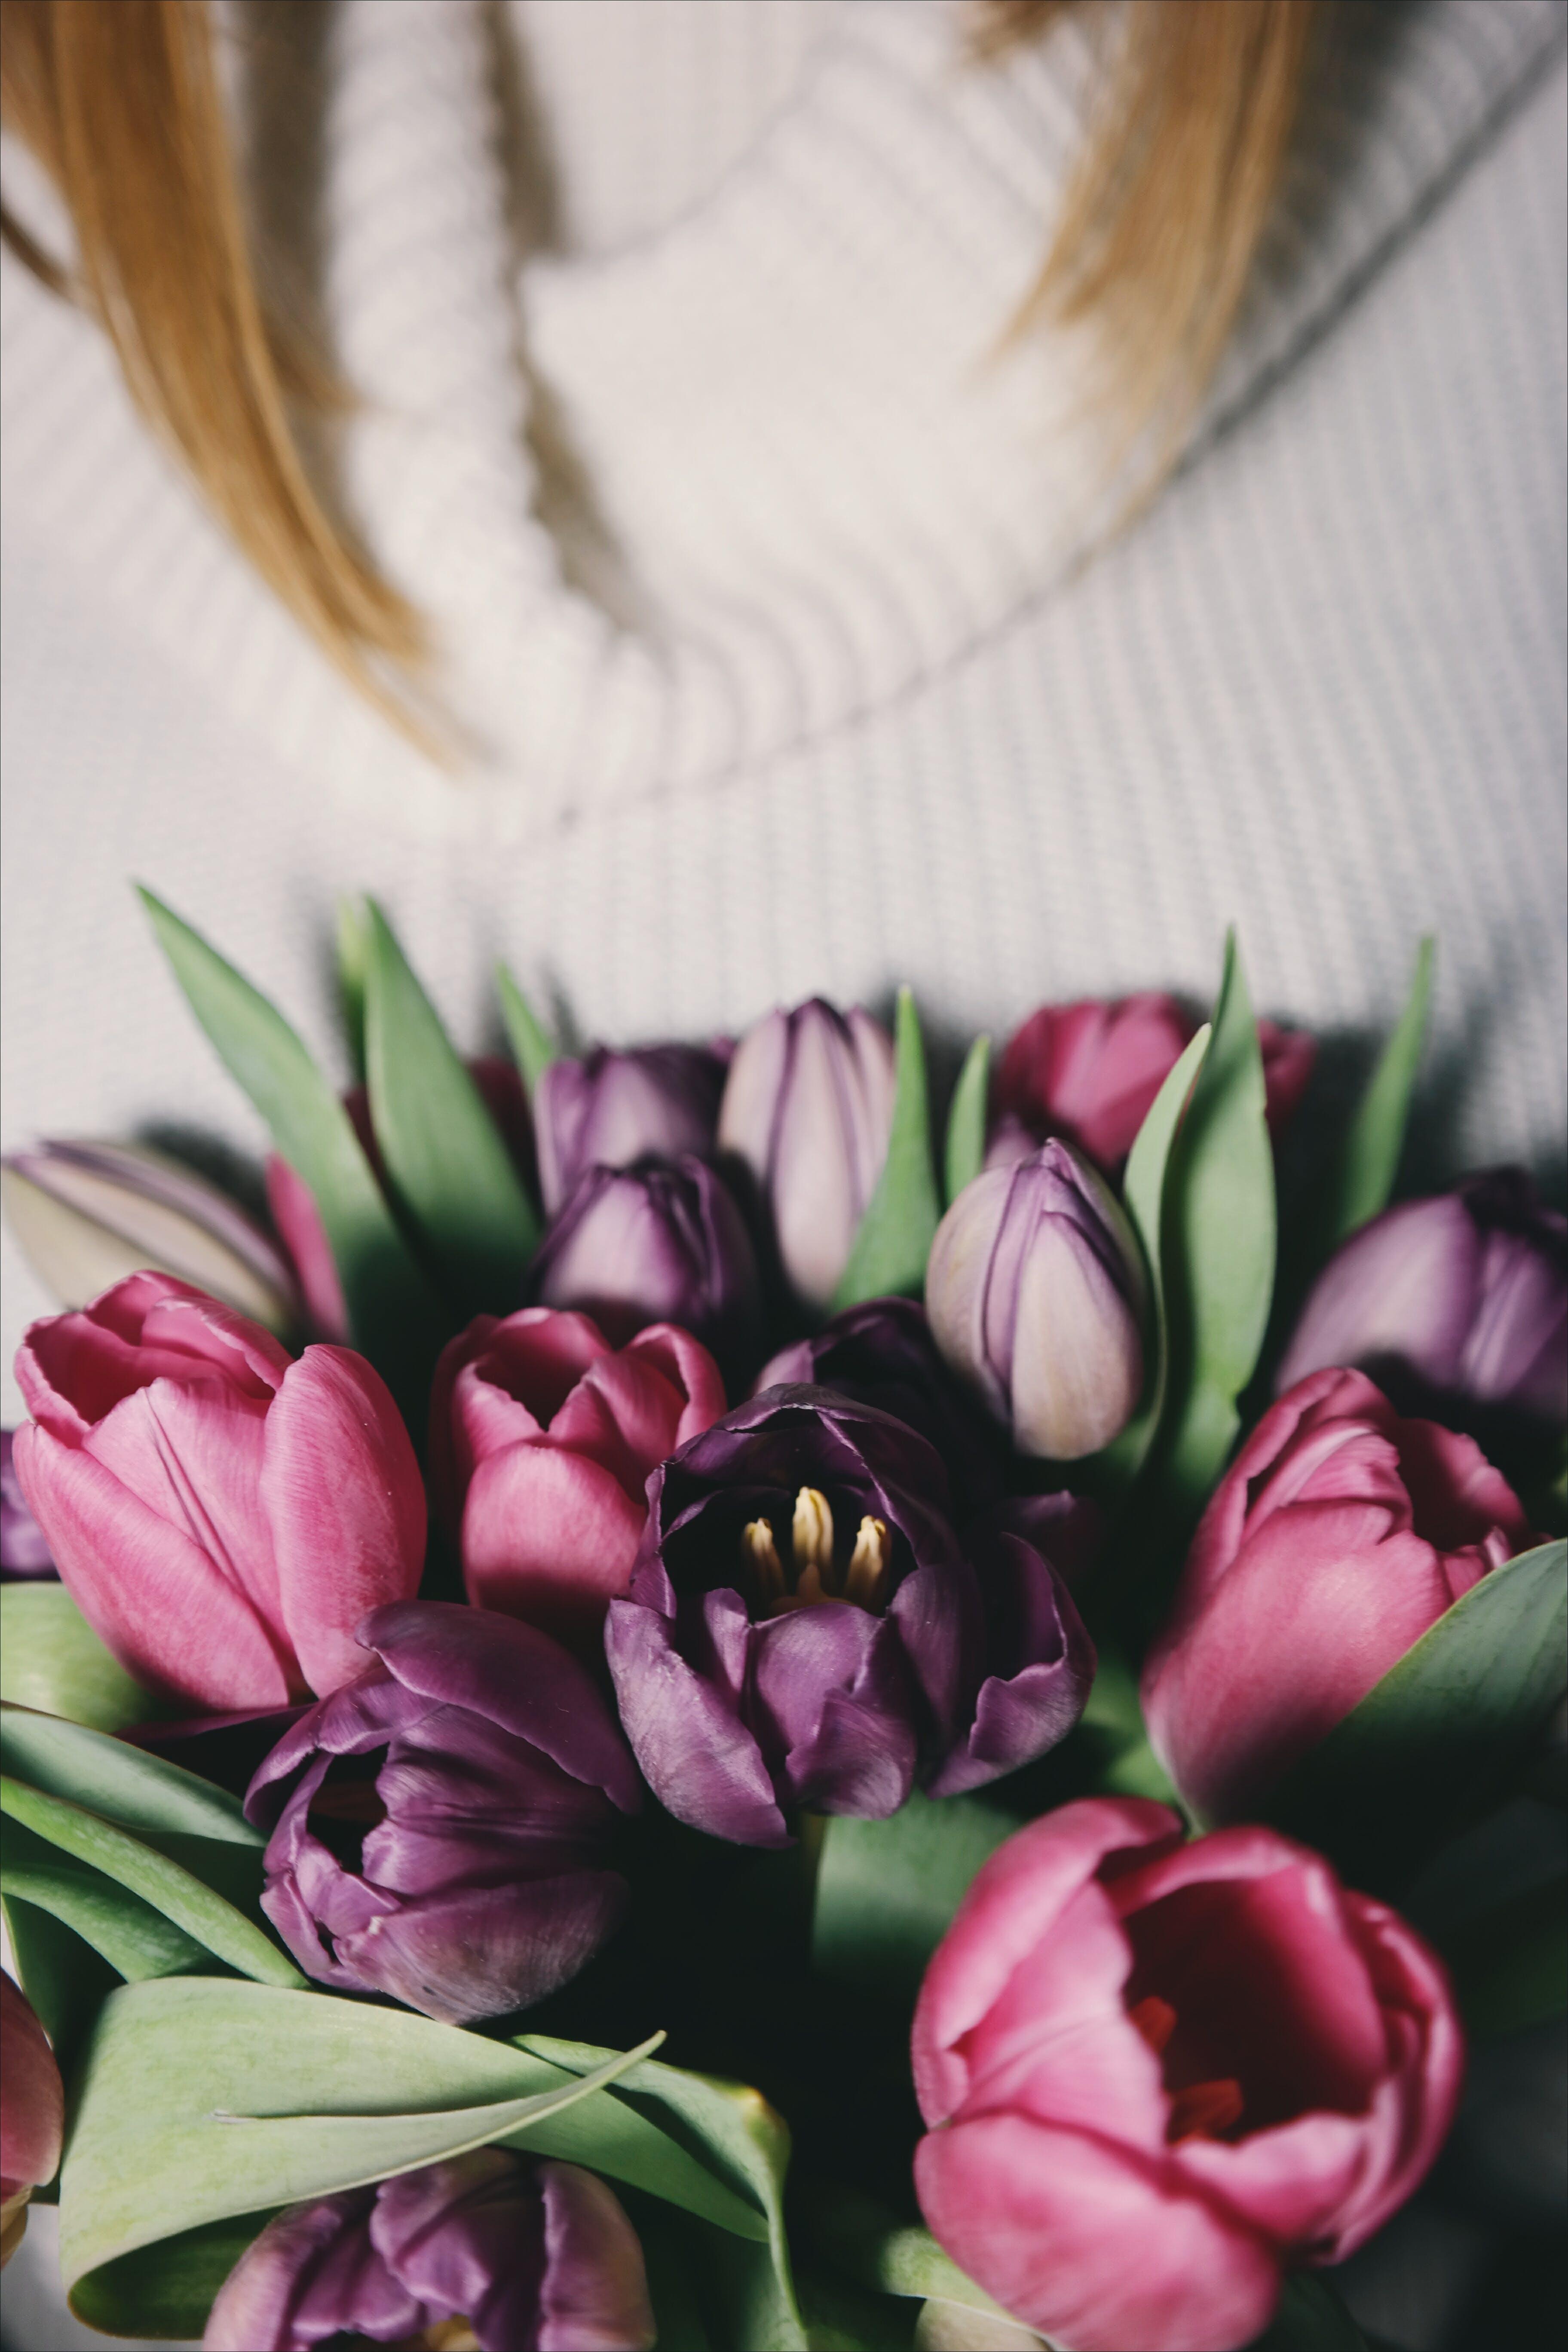 Kostenloses Stock Foto zu blühen, blumen, blumenstrauß, blütenblätter